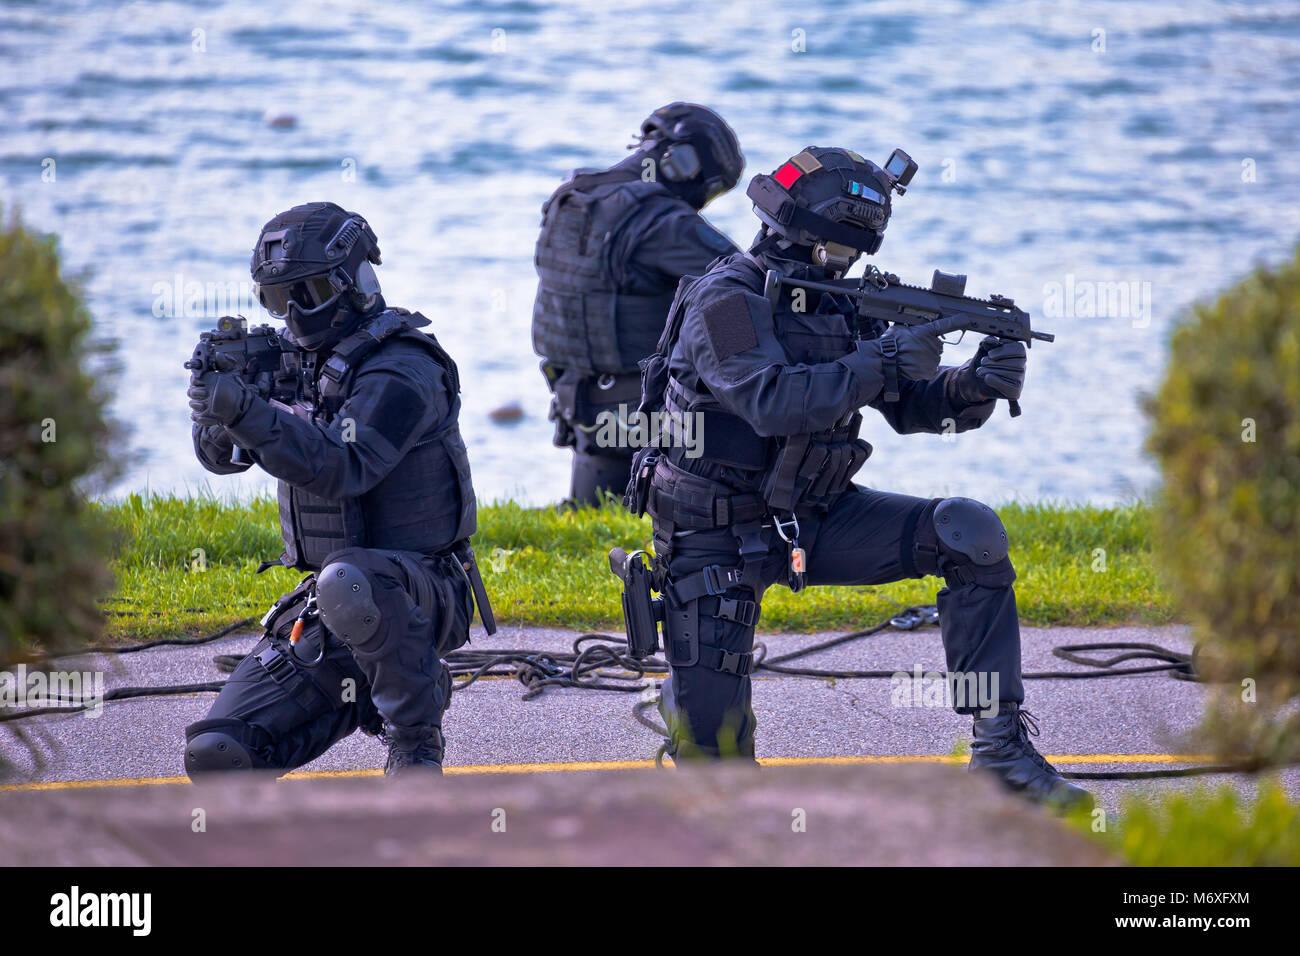 Les forces spéciales de l'équipe tactique de trois en action, non marqué et méconnaissable Photo Stock